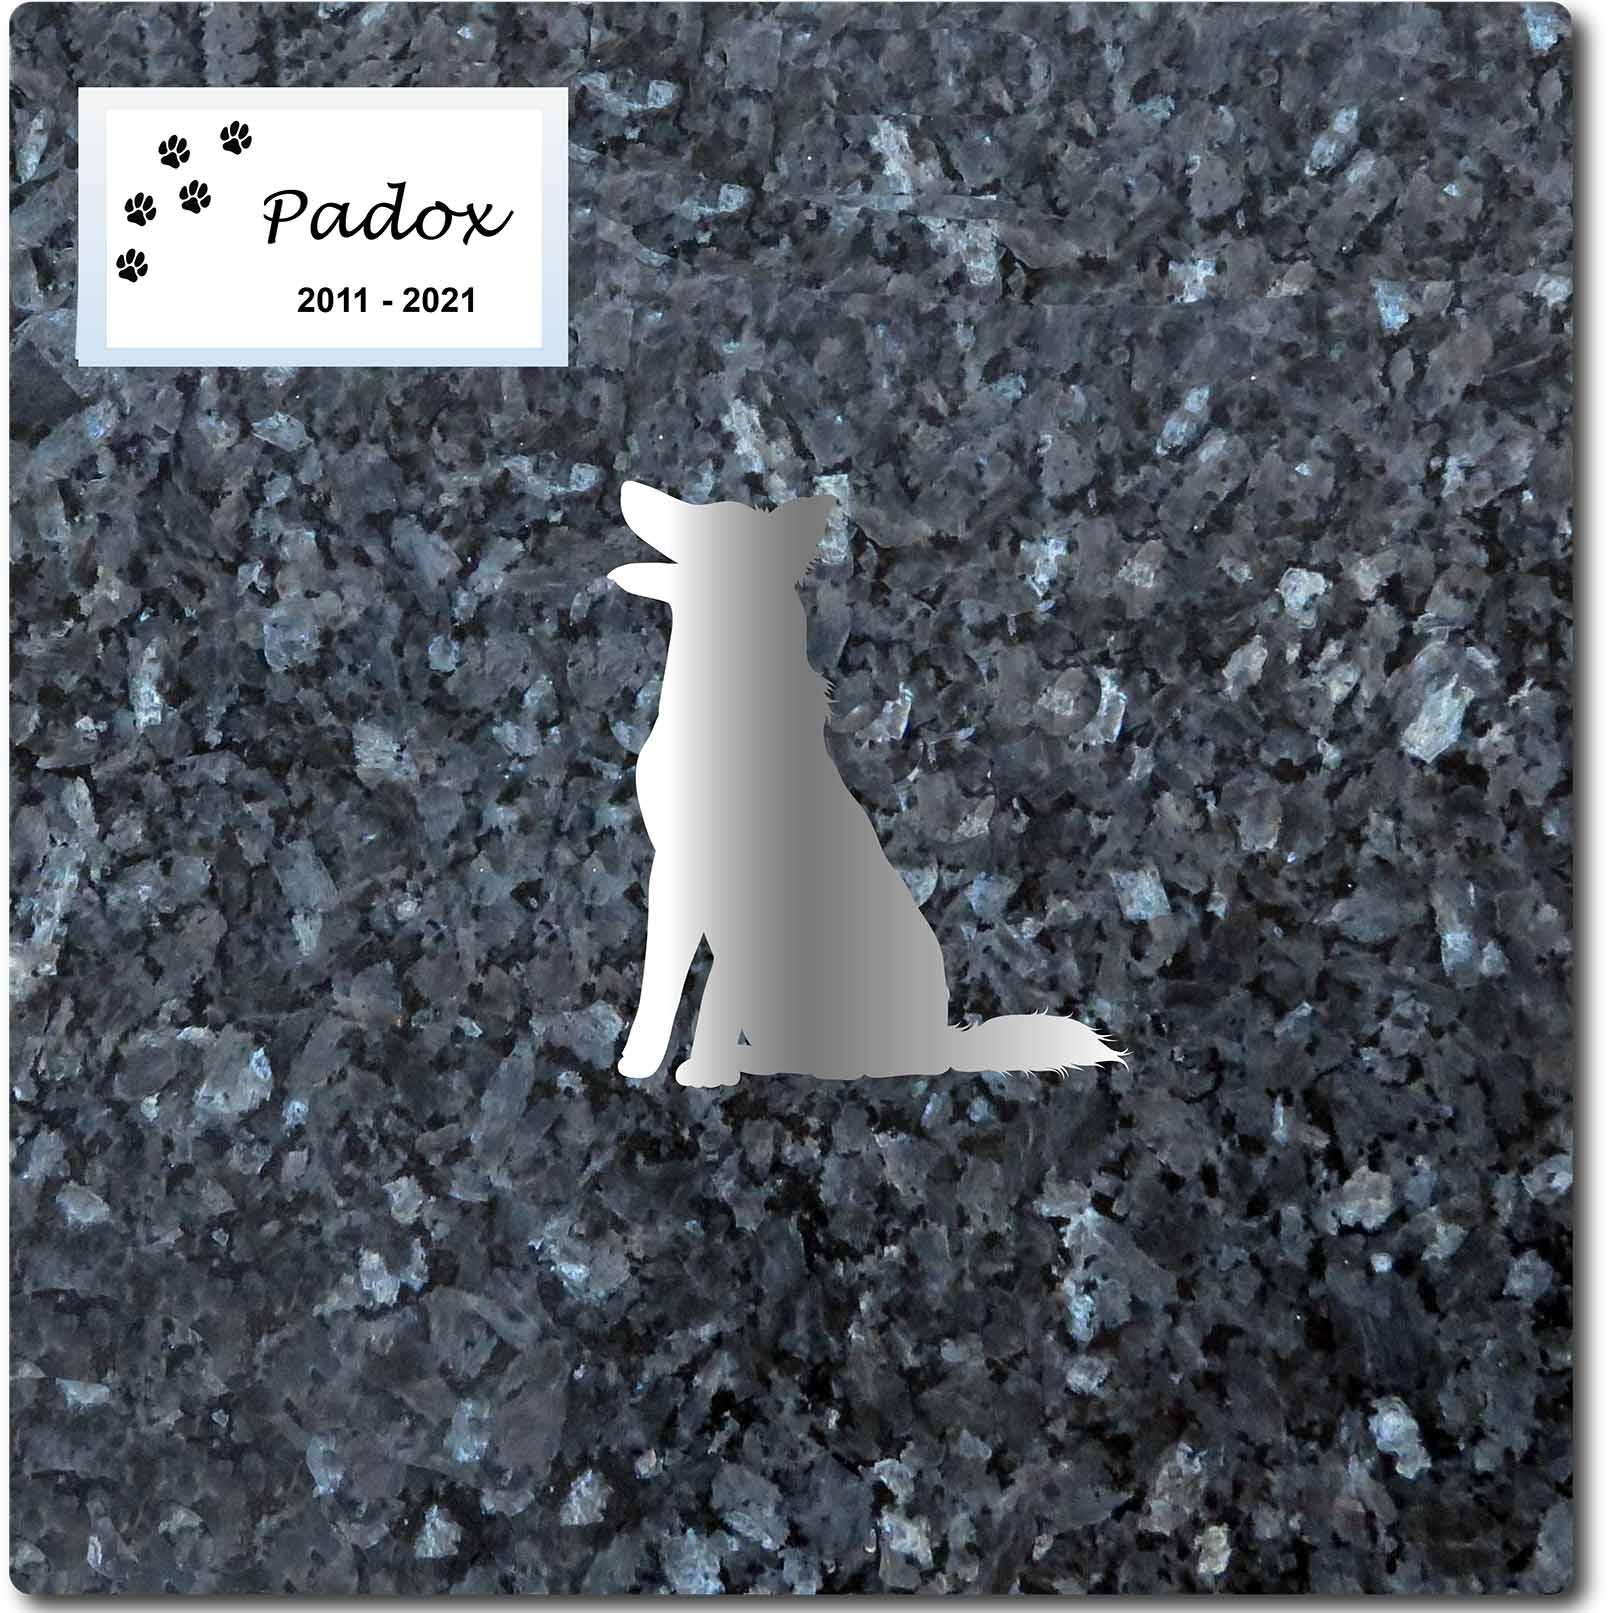 Padox - Espace Mémoire Auranimal St-Gabriel